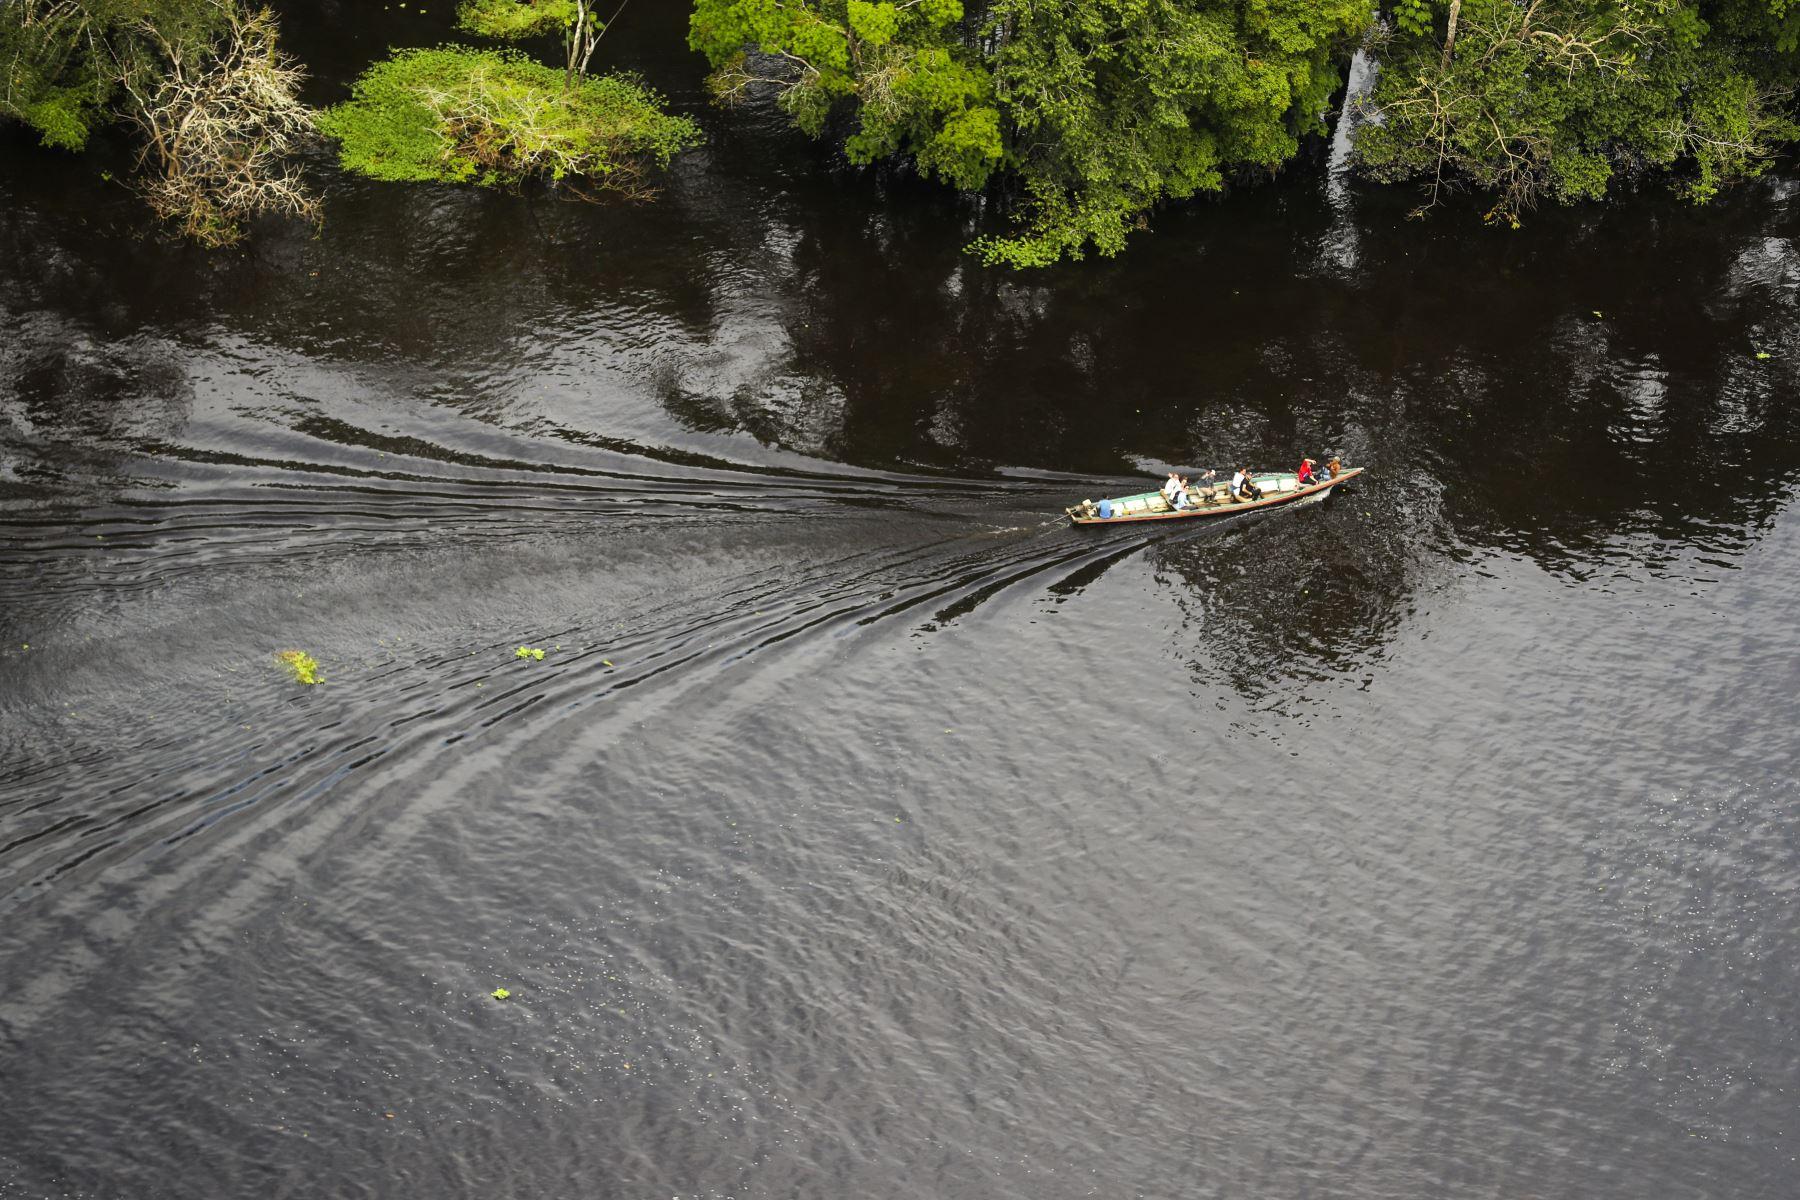 Imagen panorámica del viaje de unos turistas por el río Amazonas : ANDINA/Andrés Valle